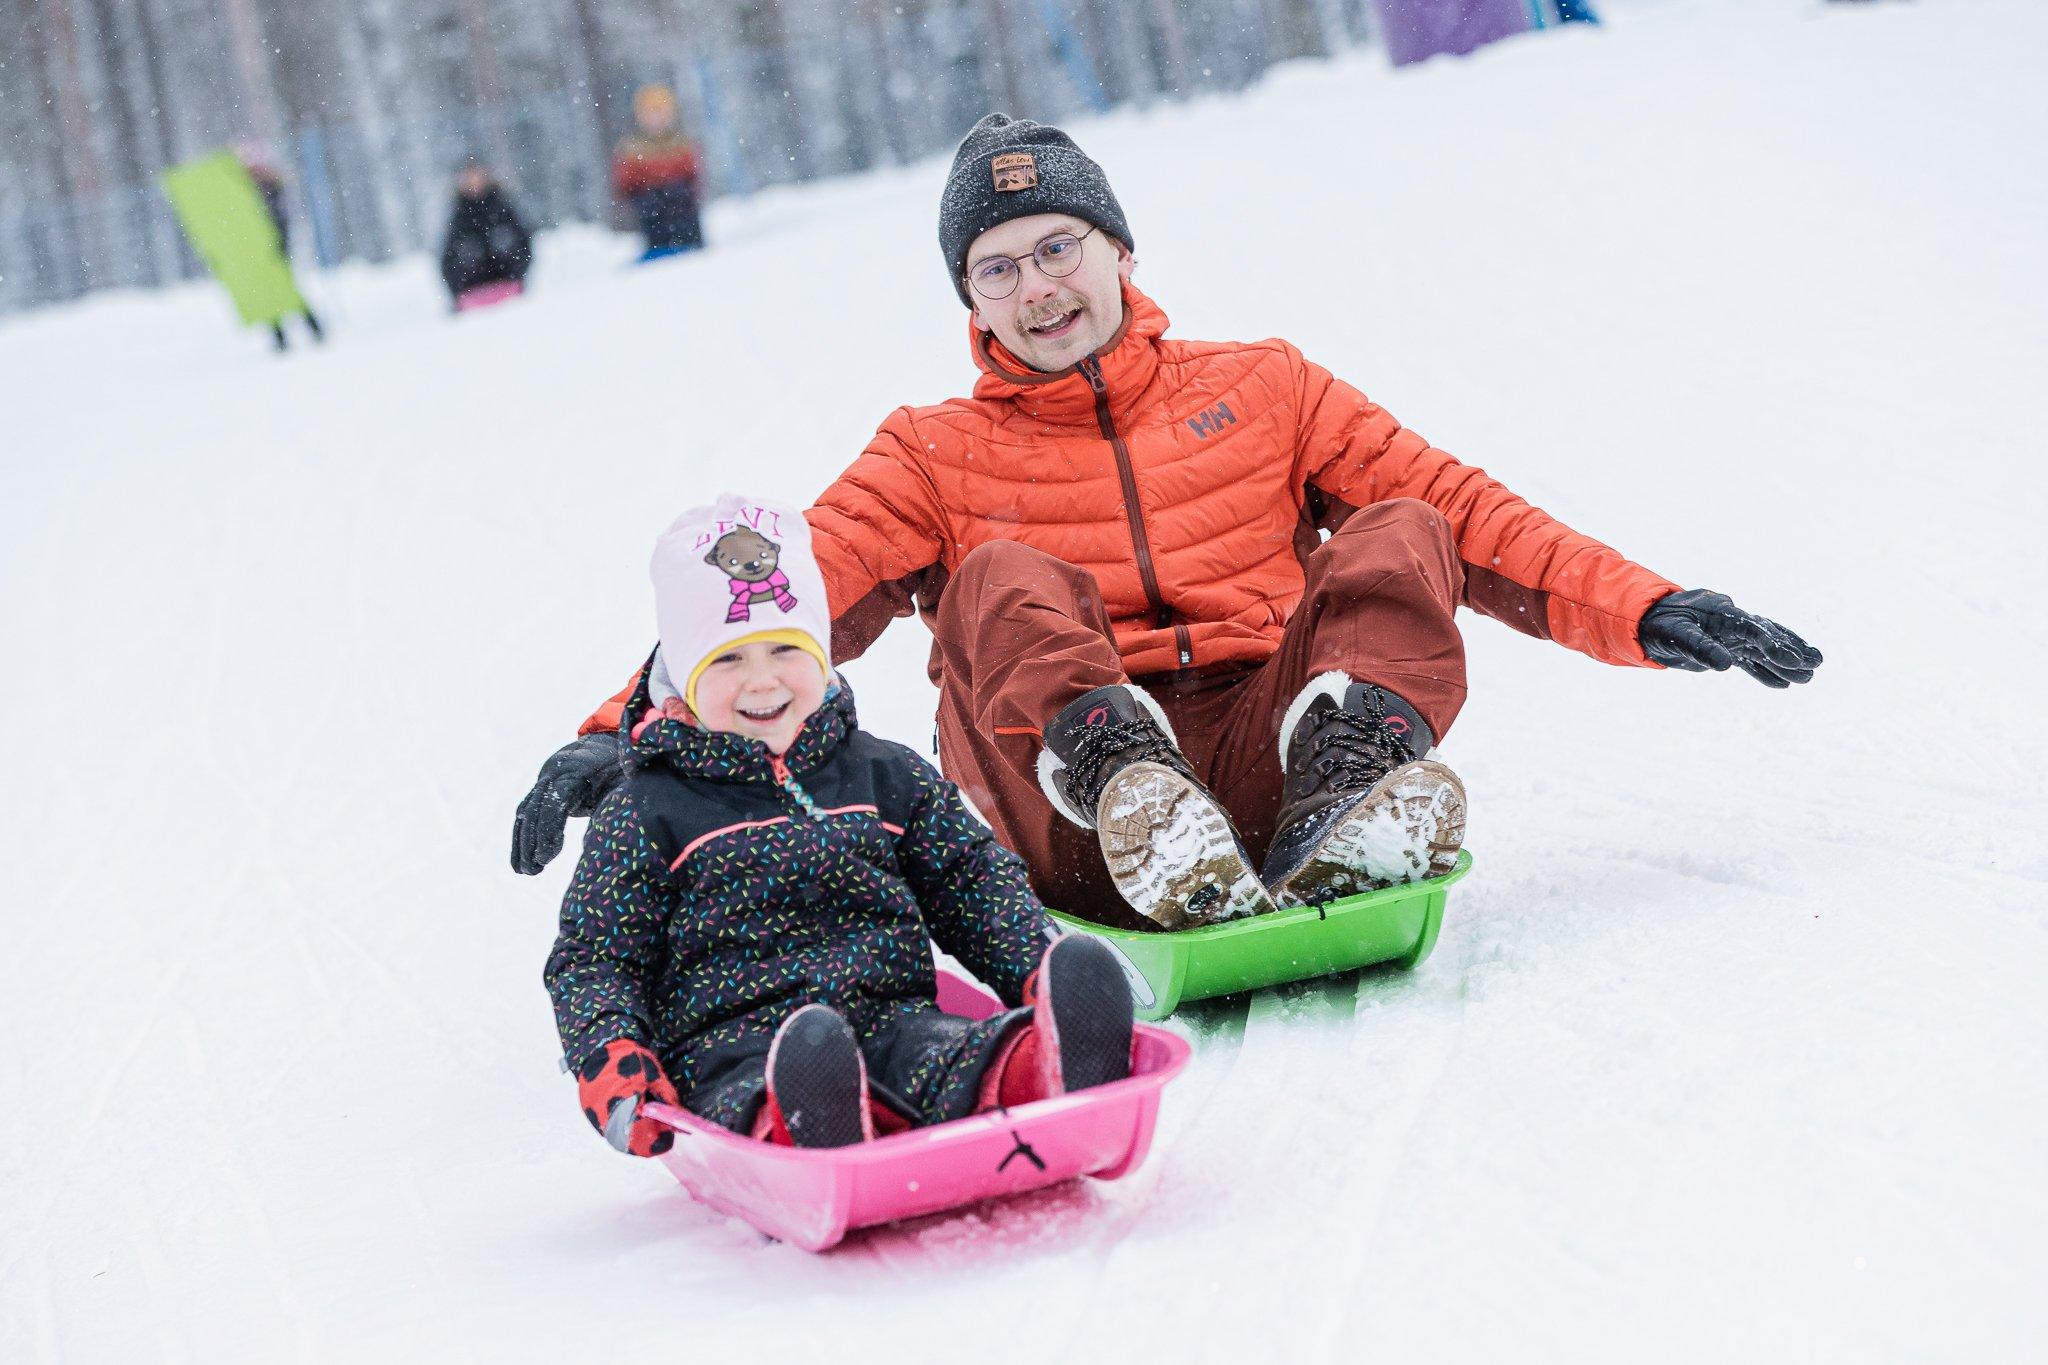 Levi_Ski_Resort_2020_Winter©PTB-Creative_WebRes-77